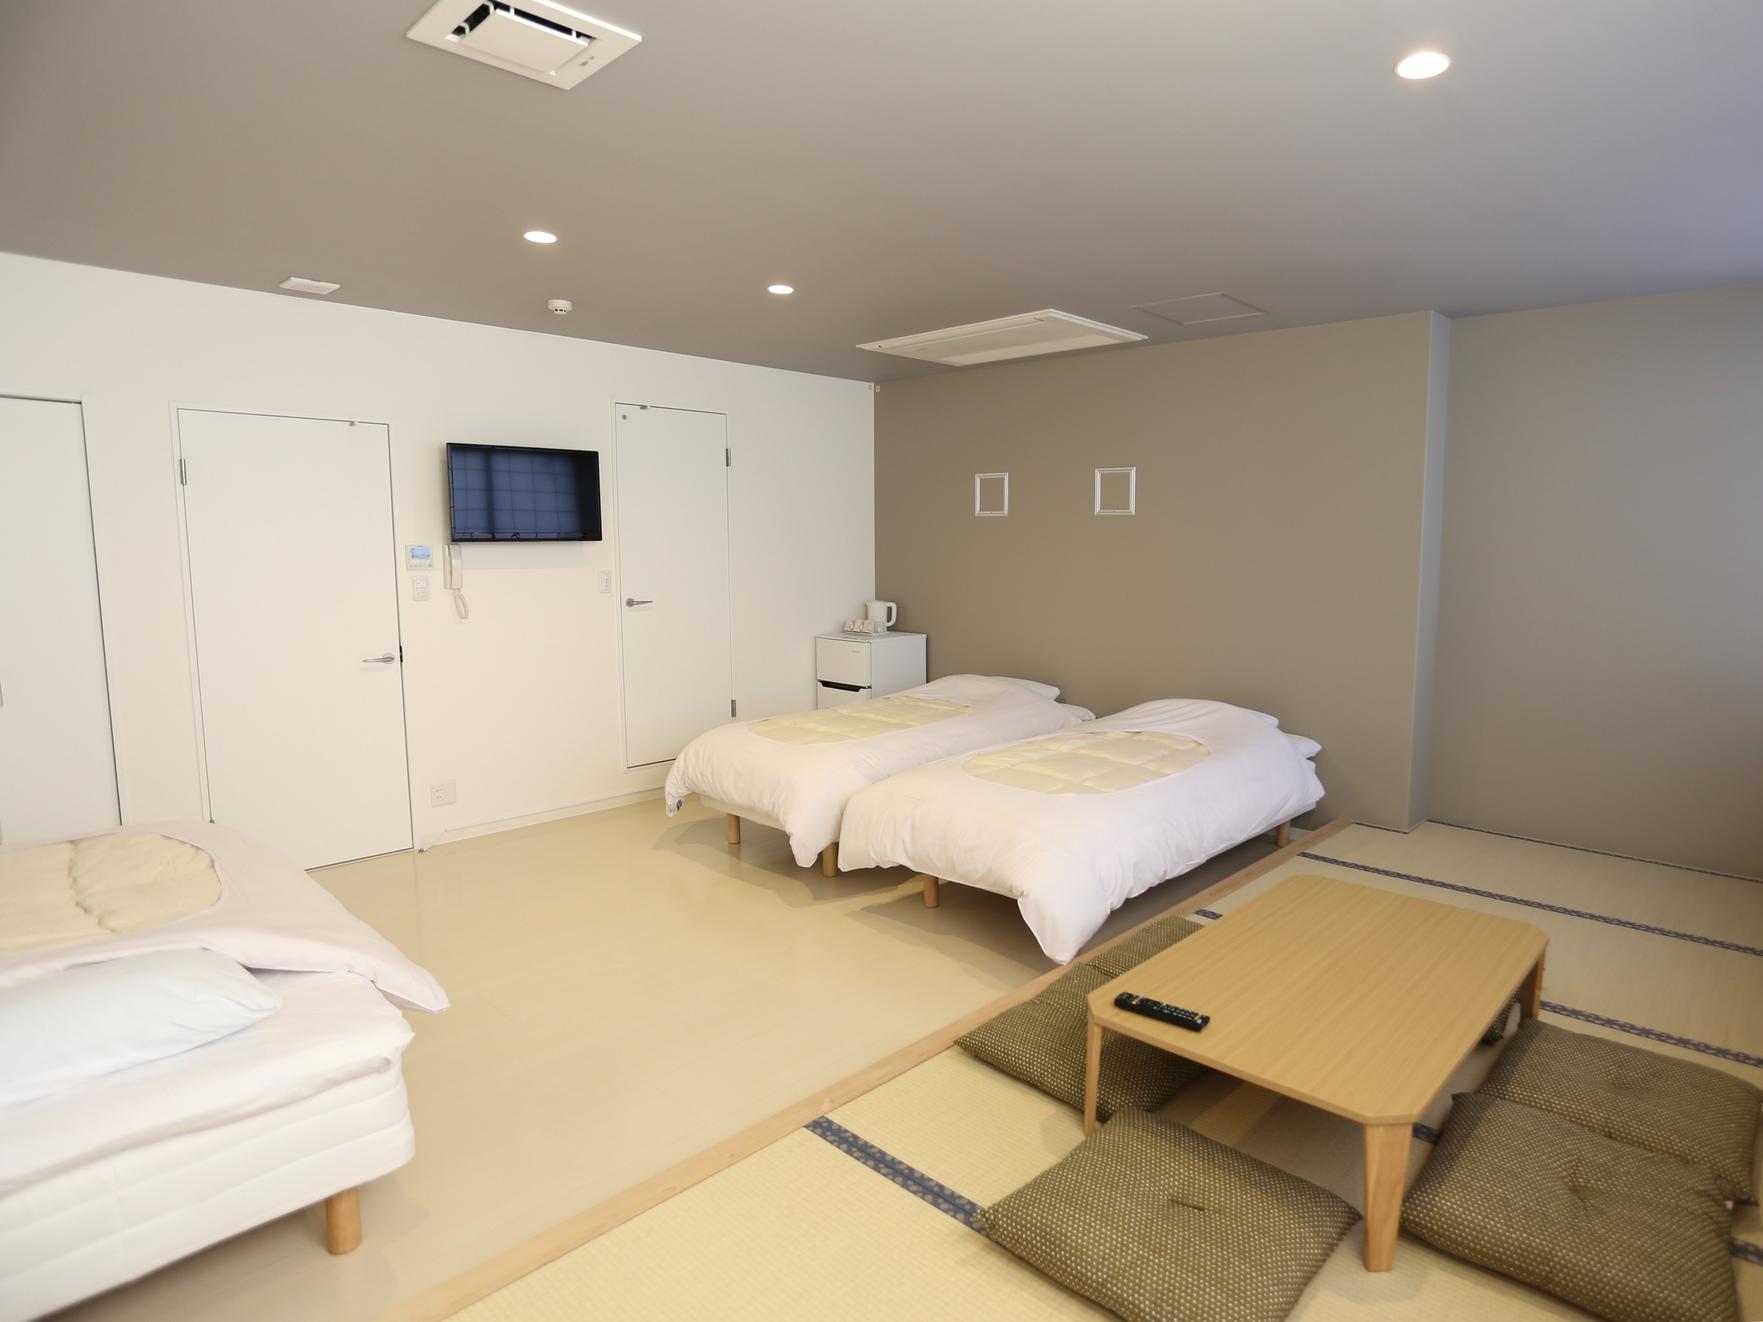 和洋室のファミリールーム、最大6名様まで利用可能です。